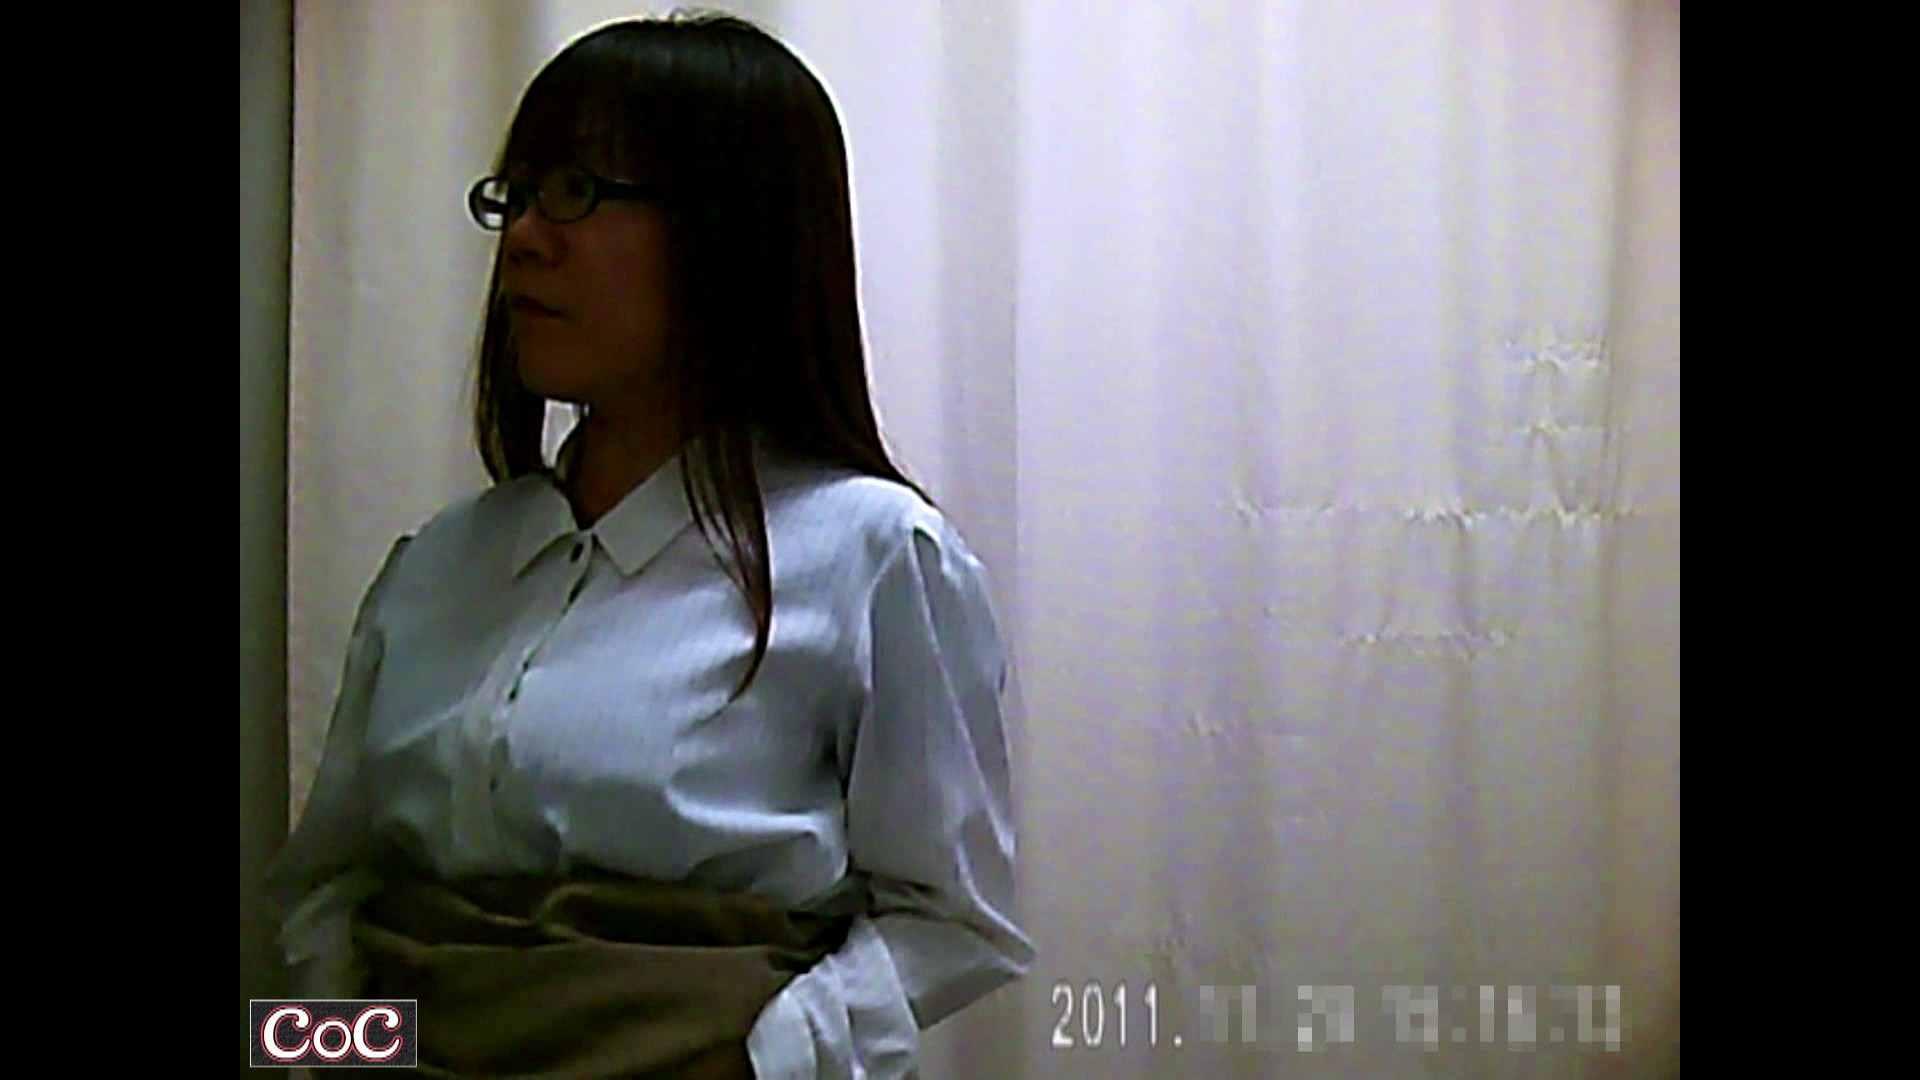 病院おもいっきり着替え! vol.104 独占盗撮 エロ画像 103連発 38